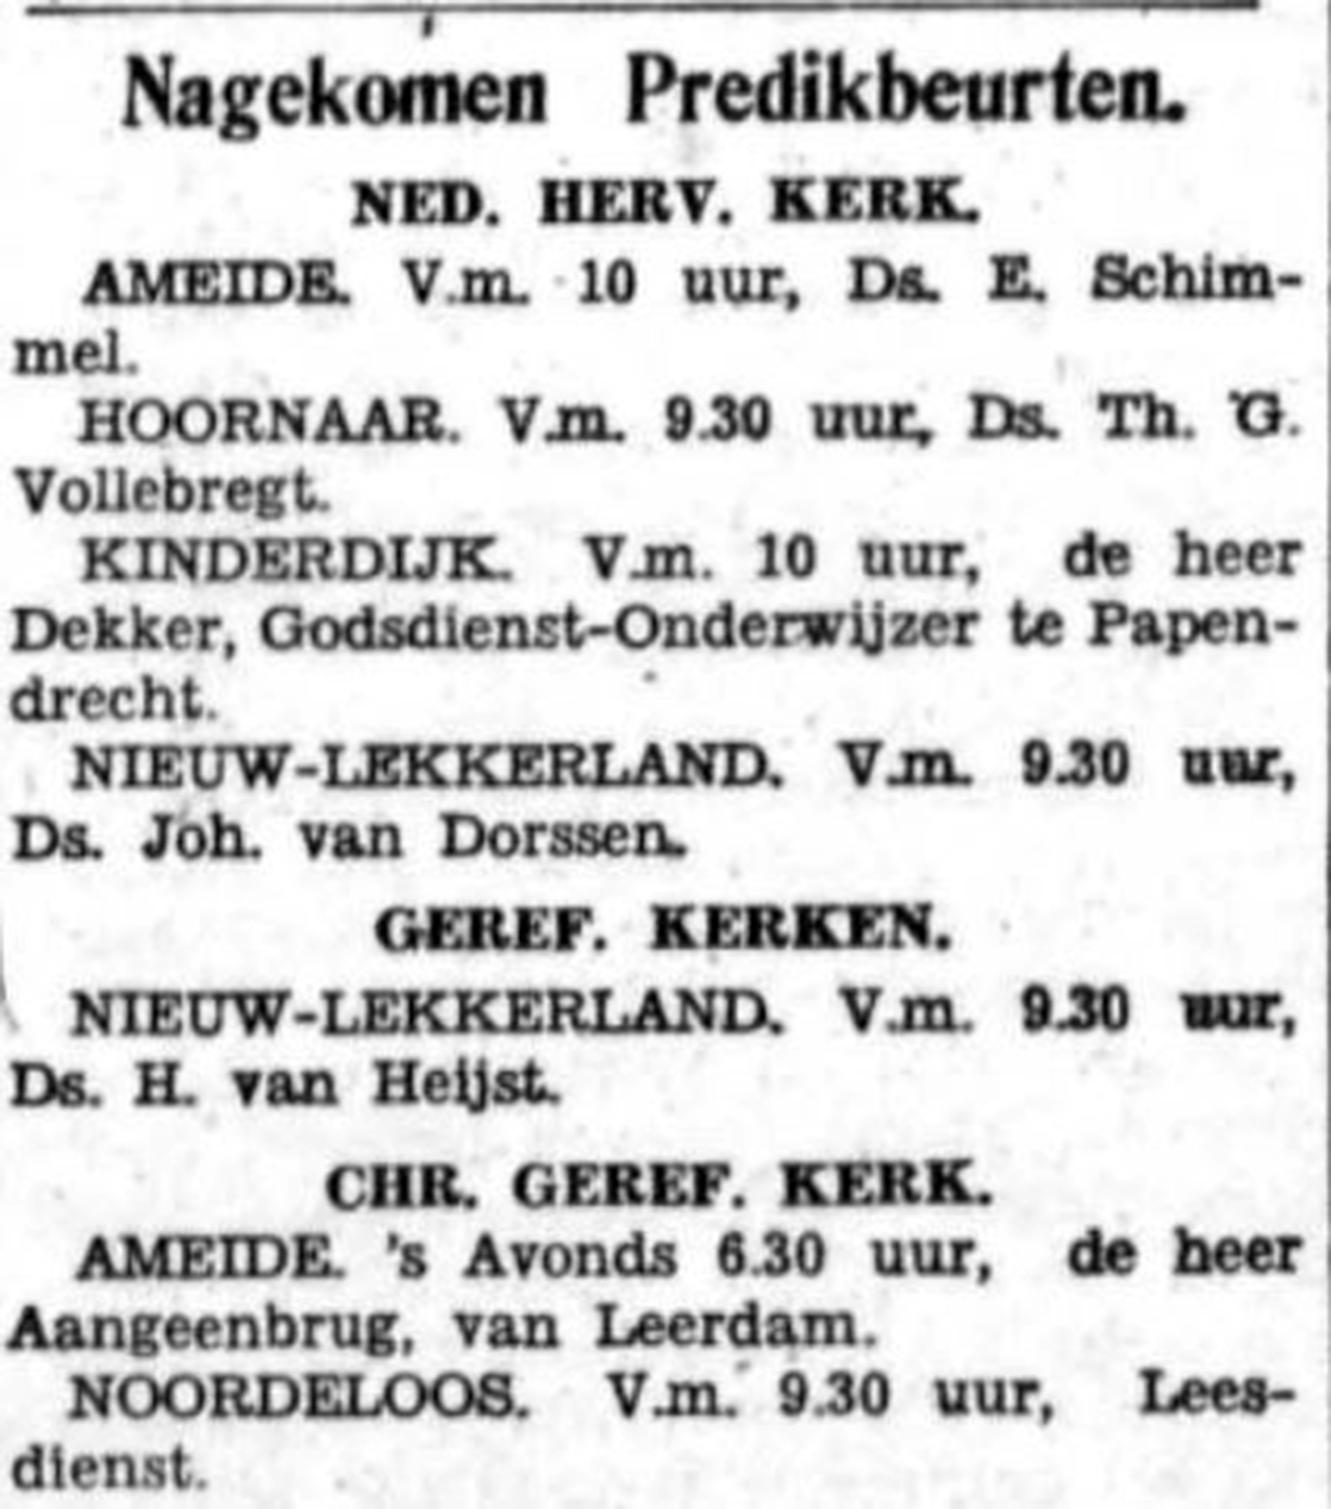 schoonhovensche-courant-06805-1937-05-05-artikel-01